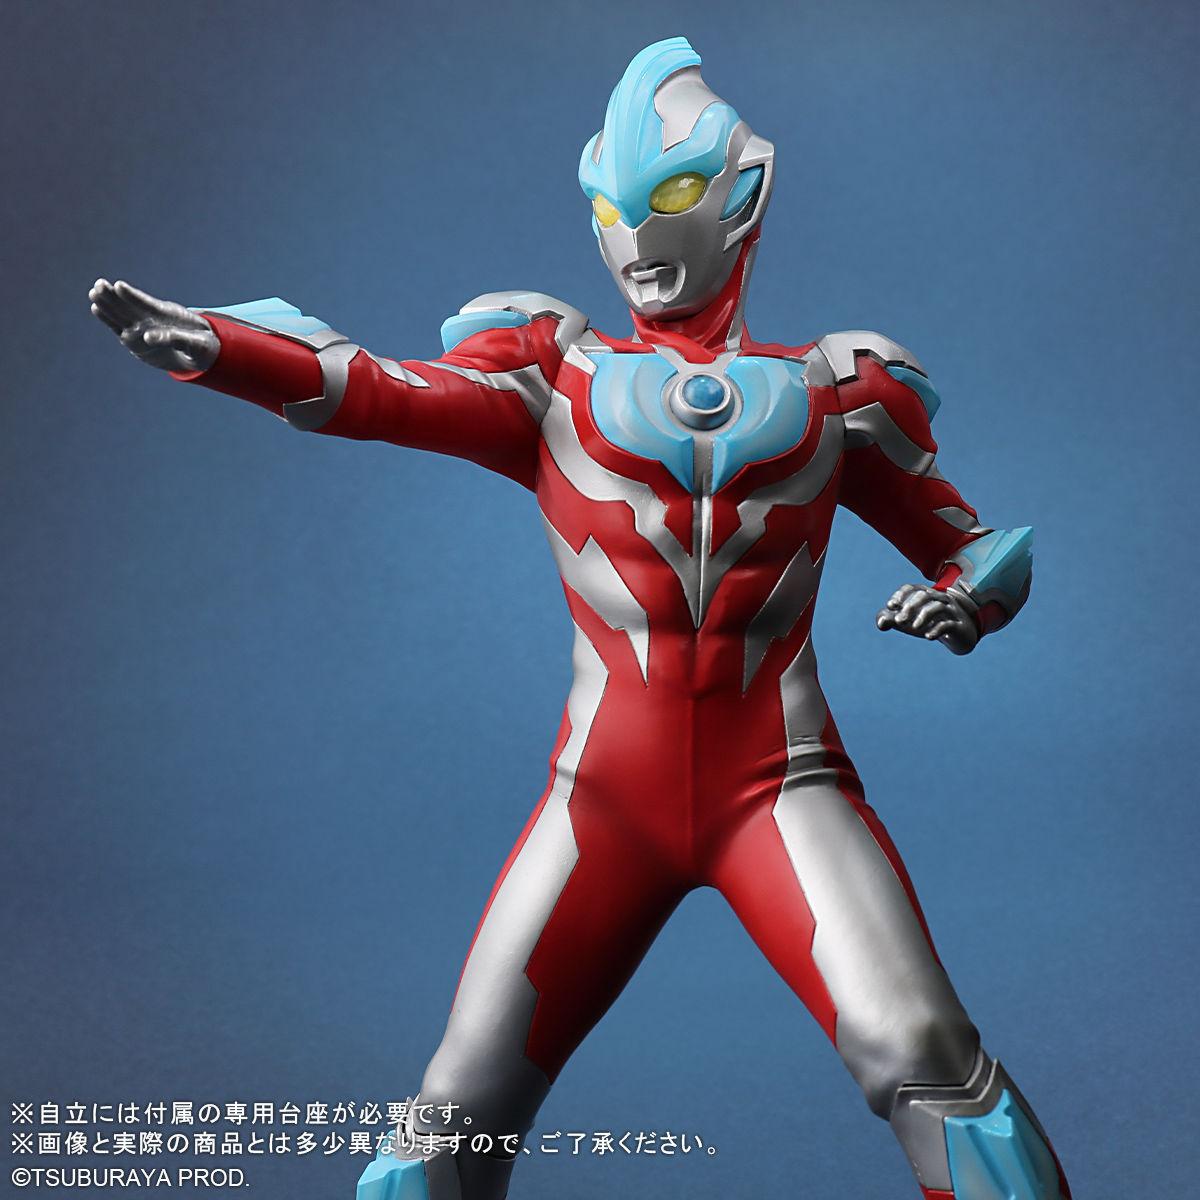 大怪獣シリーズ ULTRA NEW GENERATION『ウルトラマンギンガ』完成品フィギュア-005